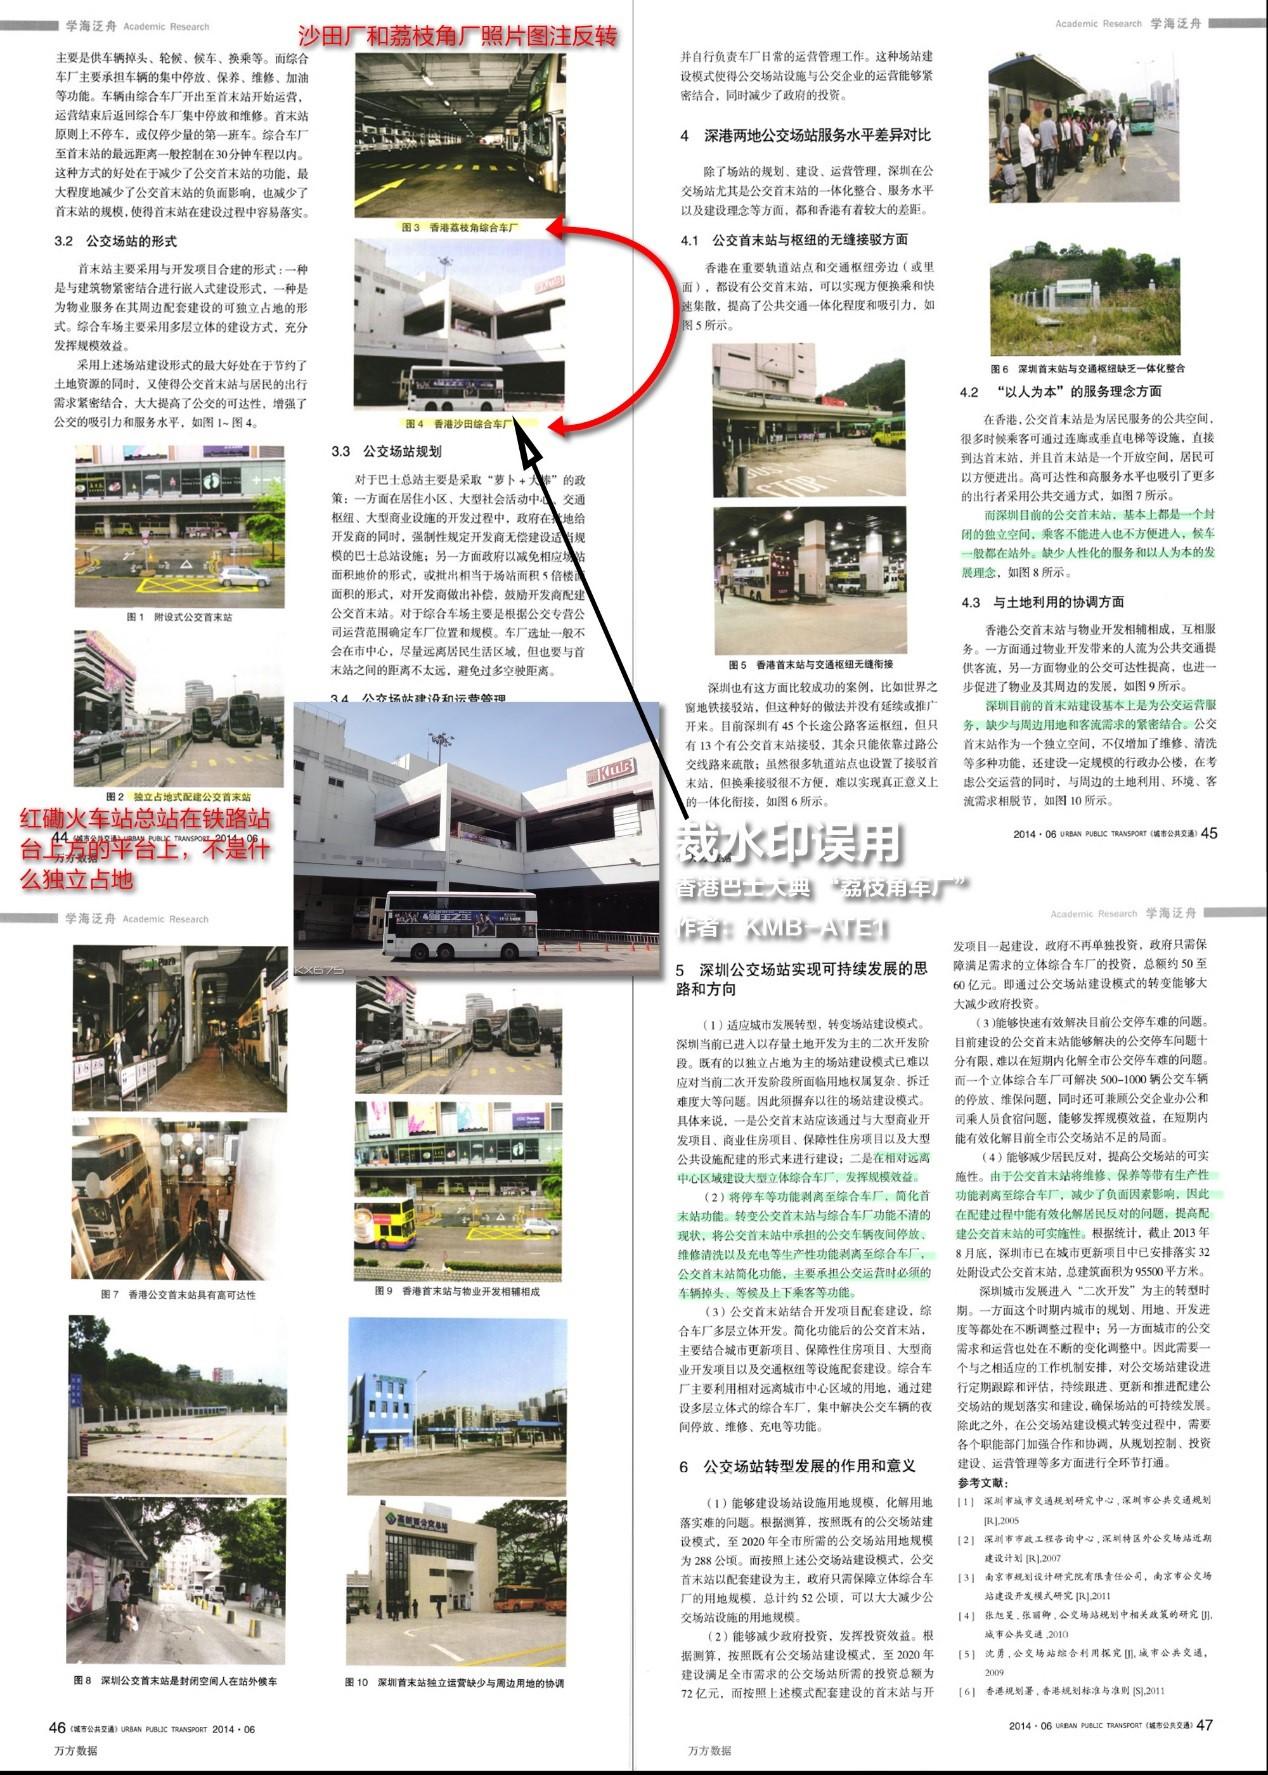 深圳相关单位的论文,陈述配建场站模式优势的语句,实际是讲出了问题。